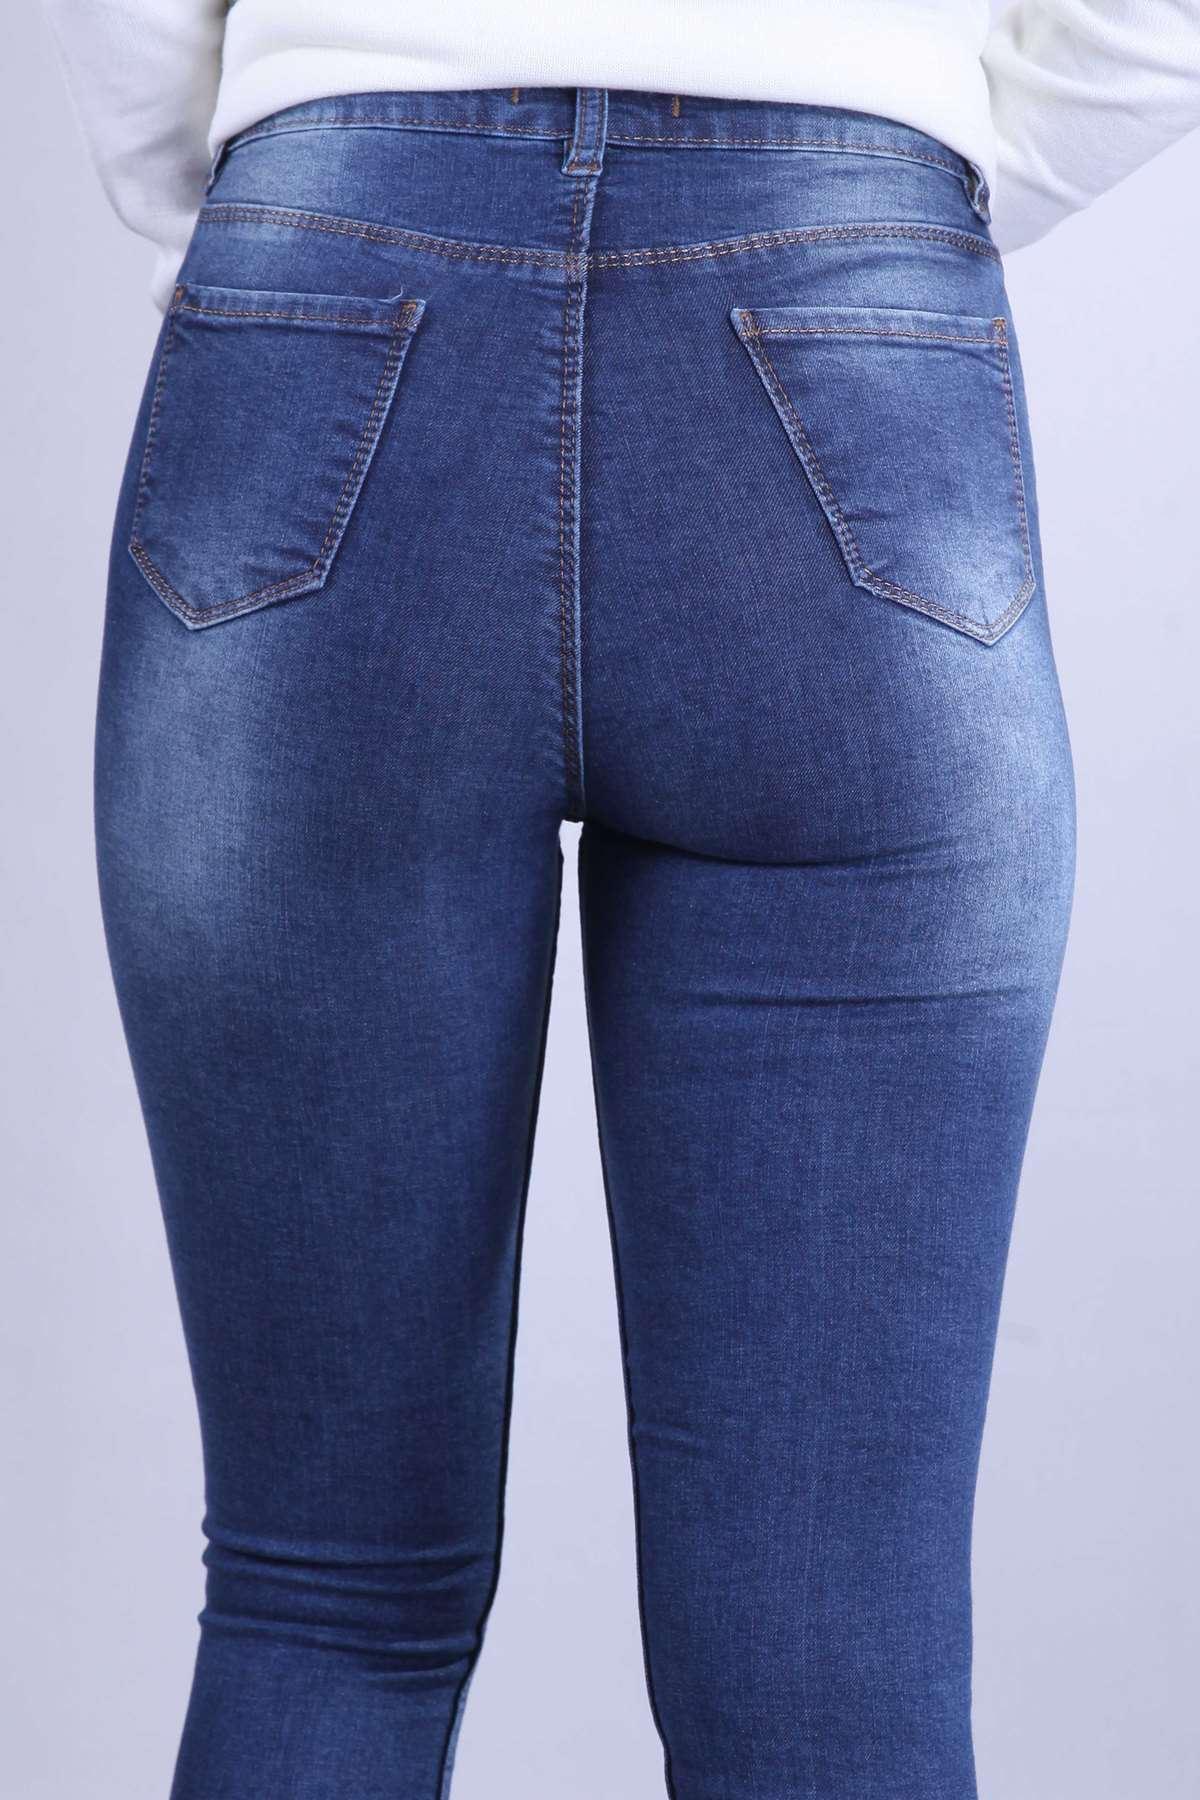 Taşlamalı Dar Paça Likralı Yüksek Bel Kot Pantolon Lacivert